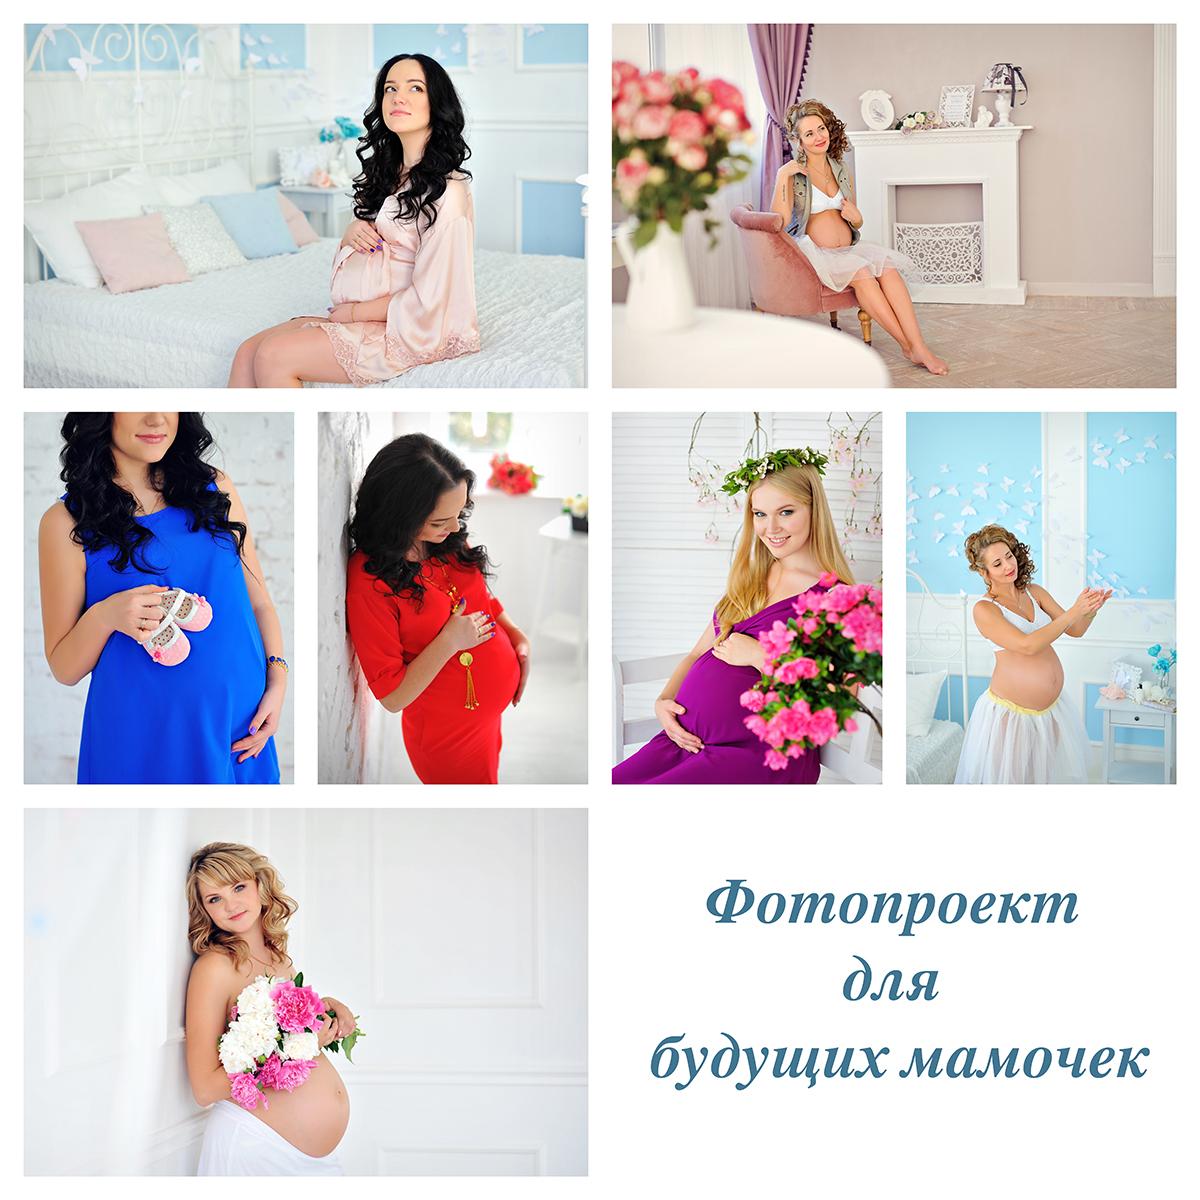 Следующая дата фотопроекта для будущих мамочек - 21 июля.